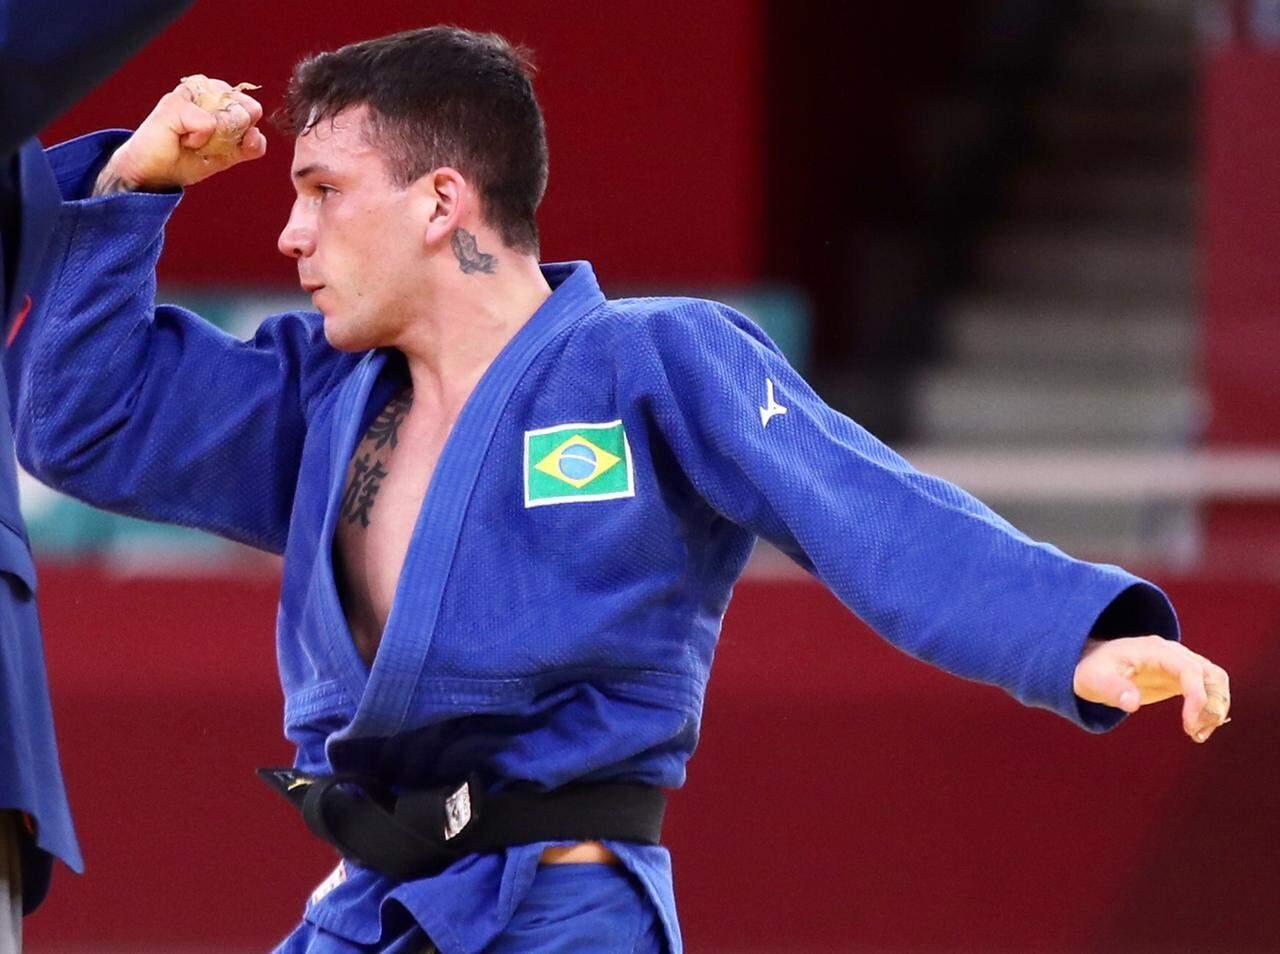 Brasileiro, Daniel Gargnin conquistou primeira medalha de bronze no judô (Foto: Reprodução/Cob)